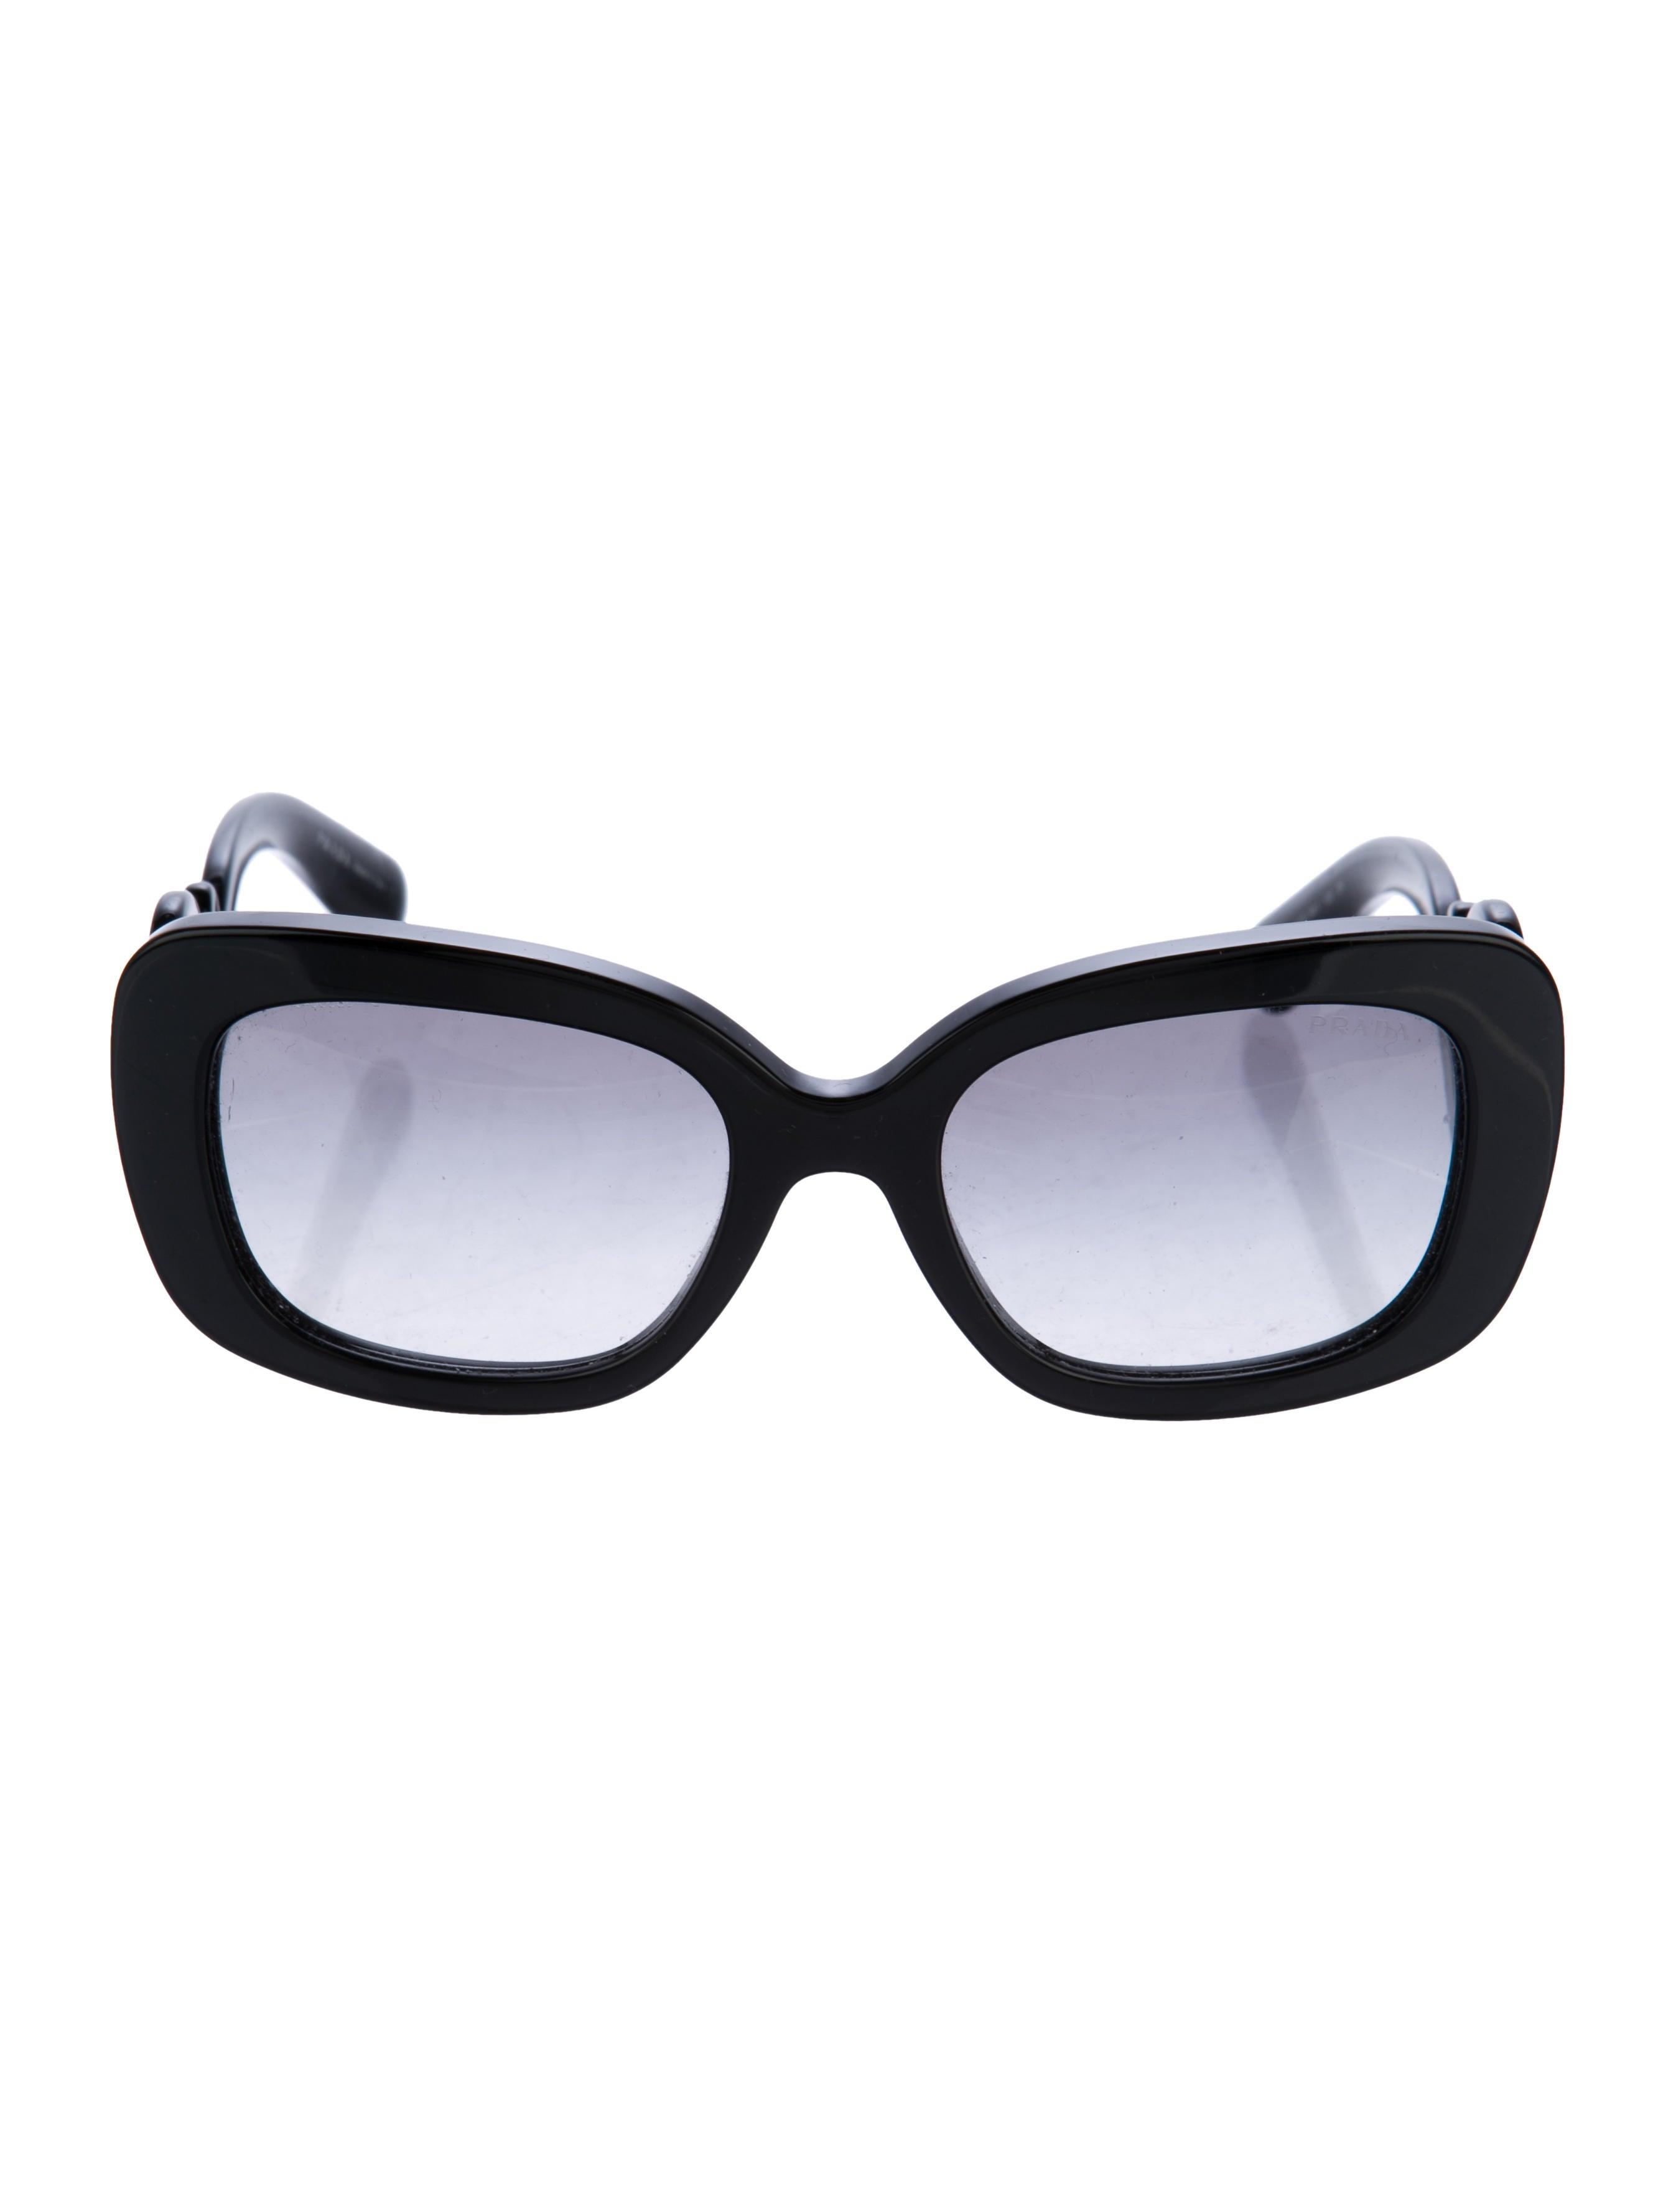 31fb699c3c29 Prada Baroque Square Sunglasses - Accessories - PRA178087